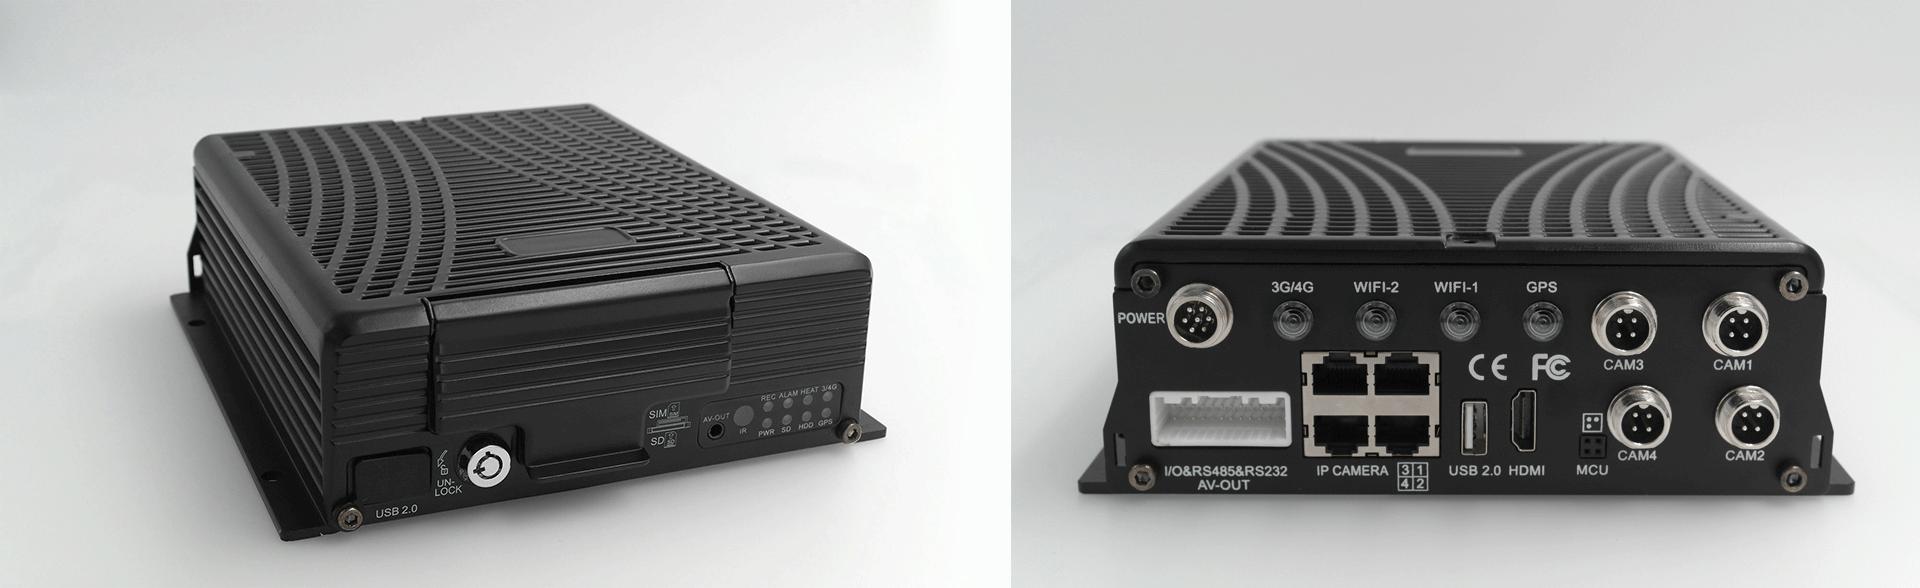 4路混合高清 车载硬盘录像机 不支持网络 第2张